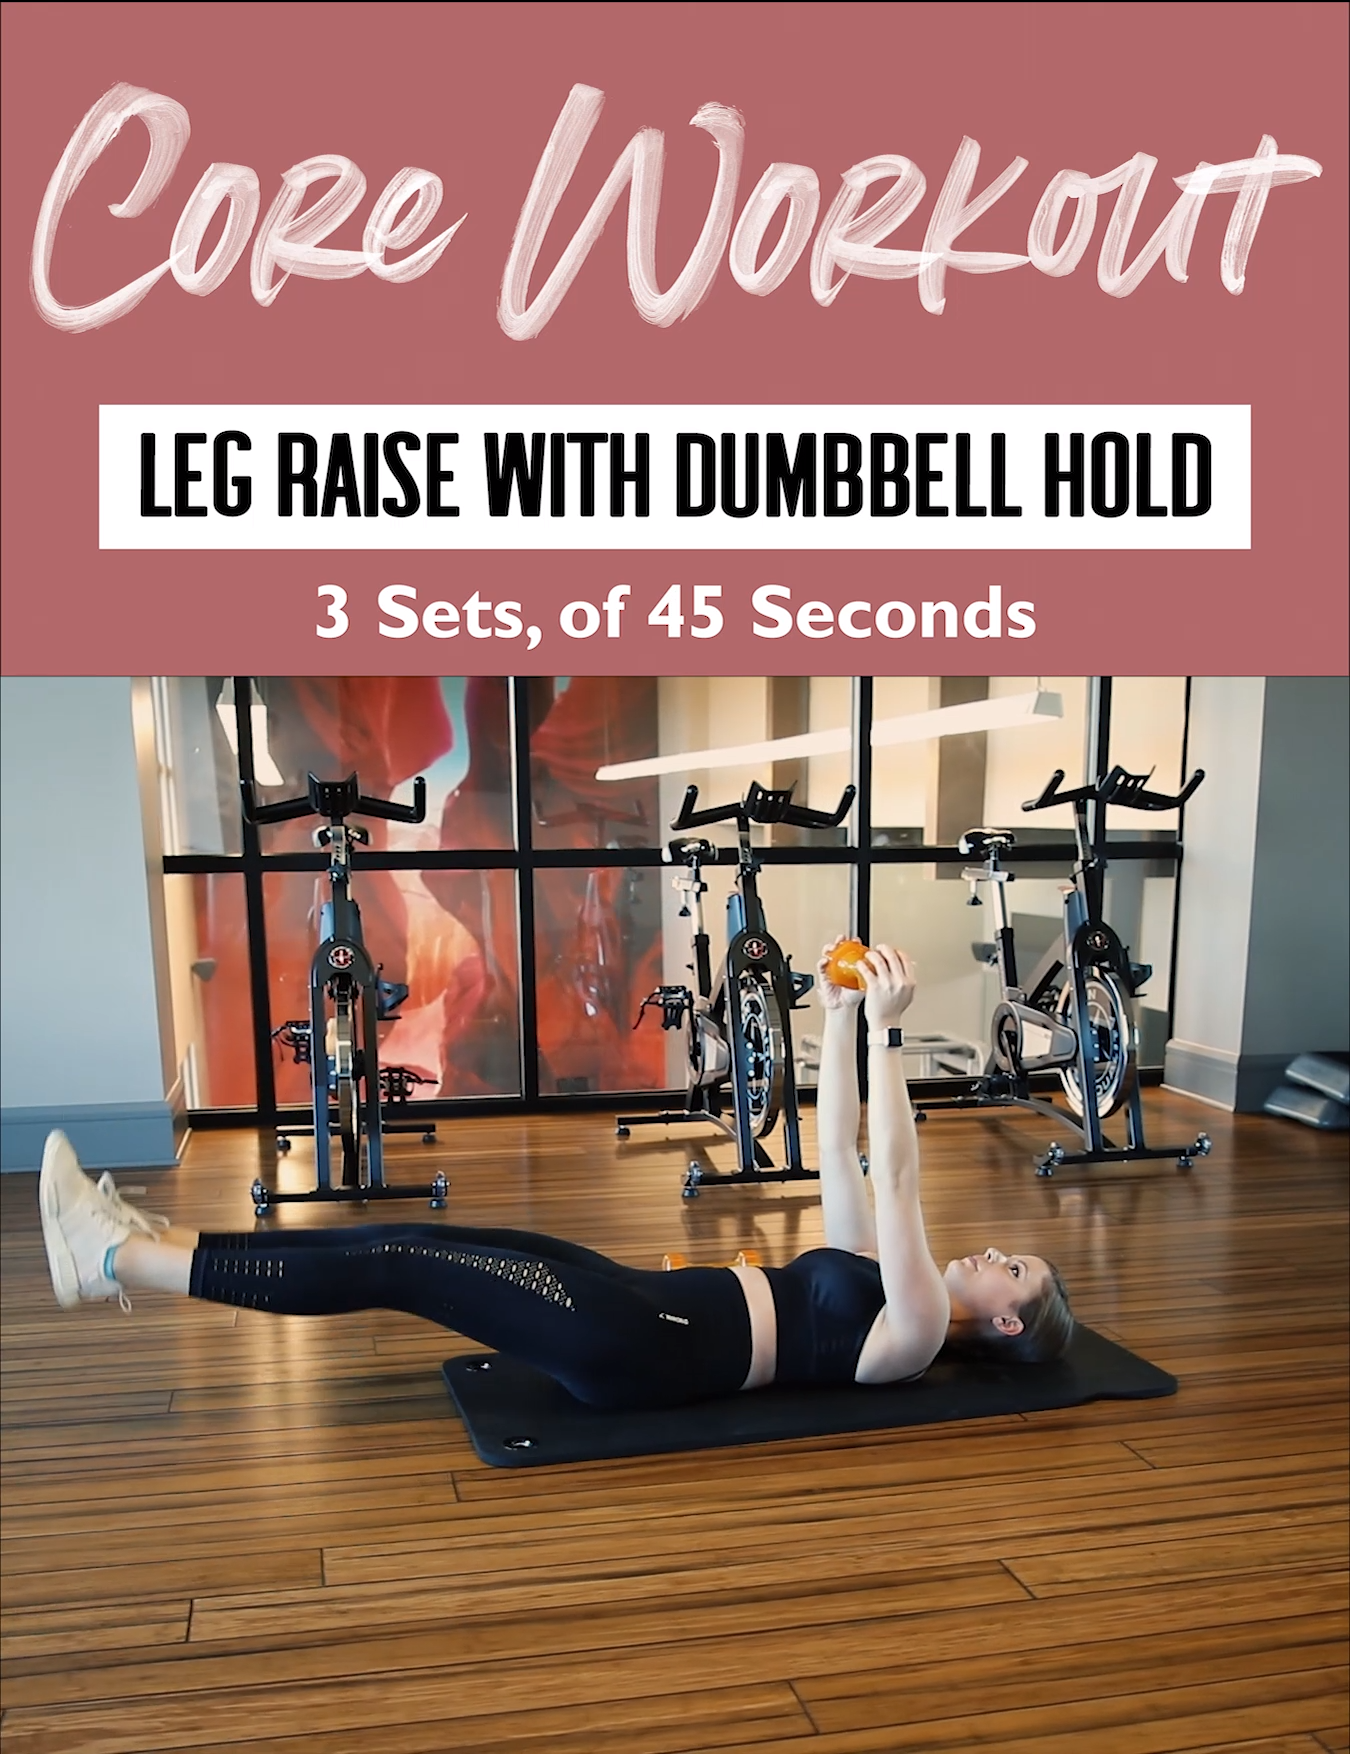 Core Workout Follow Audfit On Instagram For More Free Workouts Video Core Workout Workout Plan For Women Oblique Workout